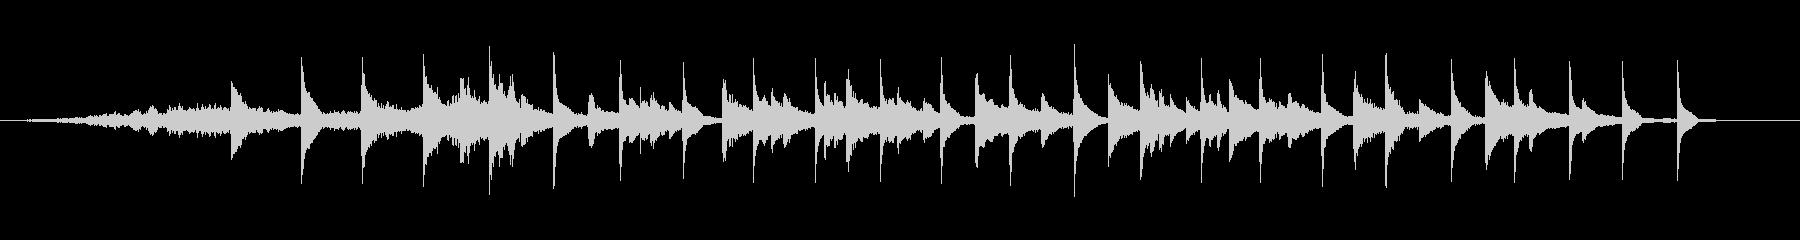 ローファイ・チル・ピアノ楽曲の未再生の波形